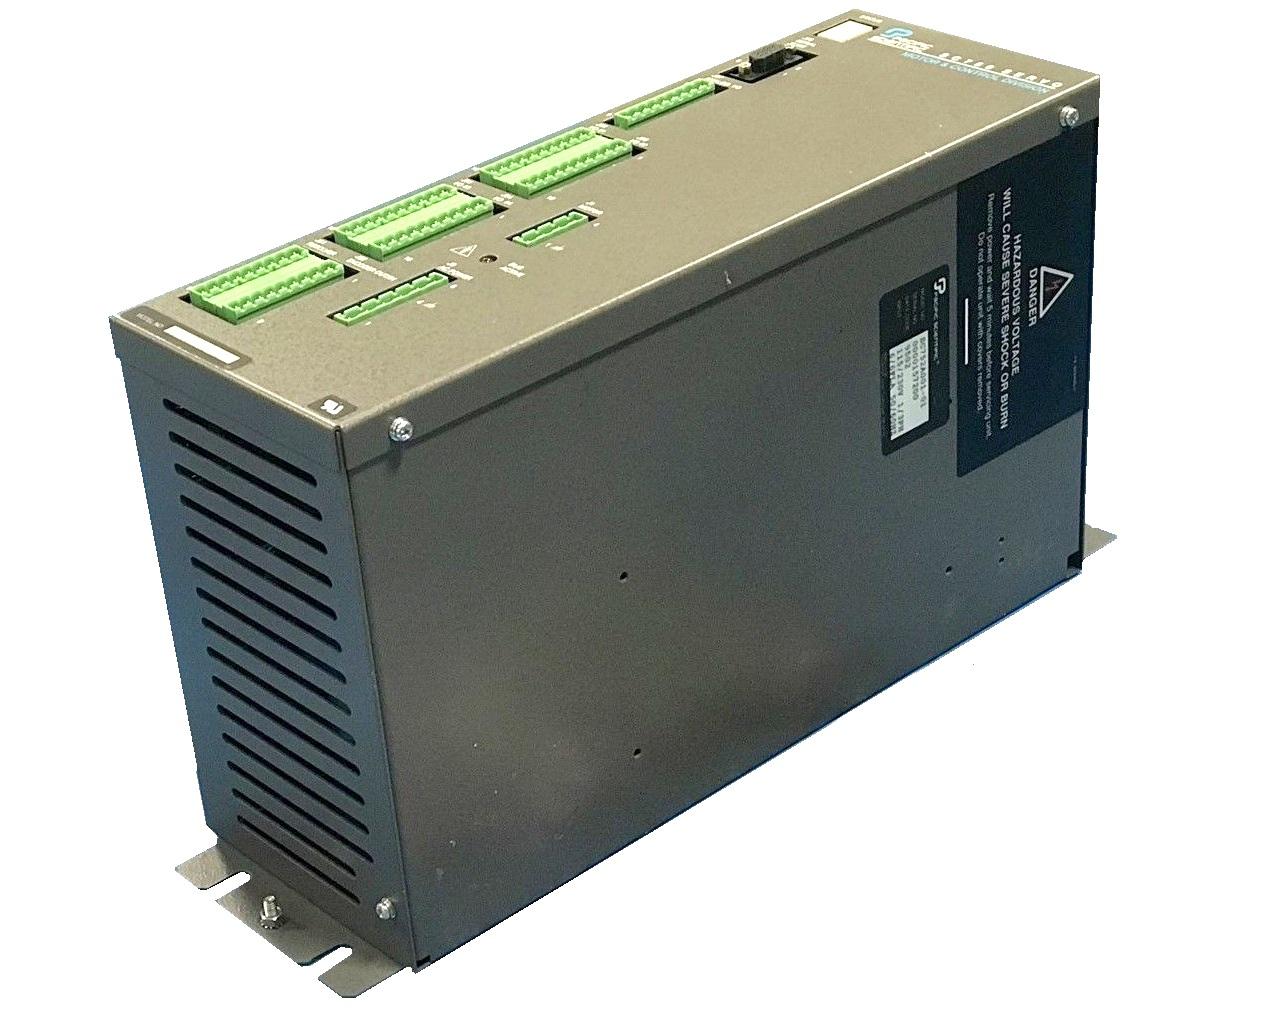 SC750A-001-02